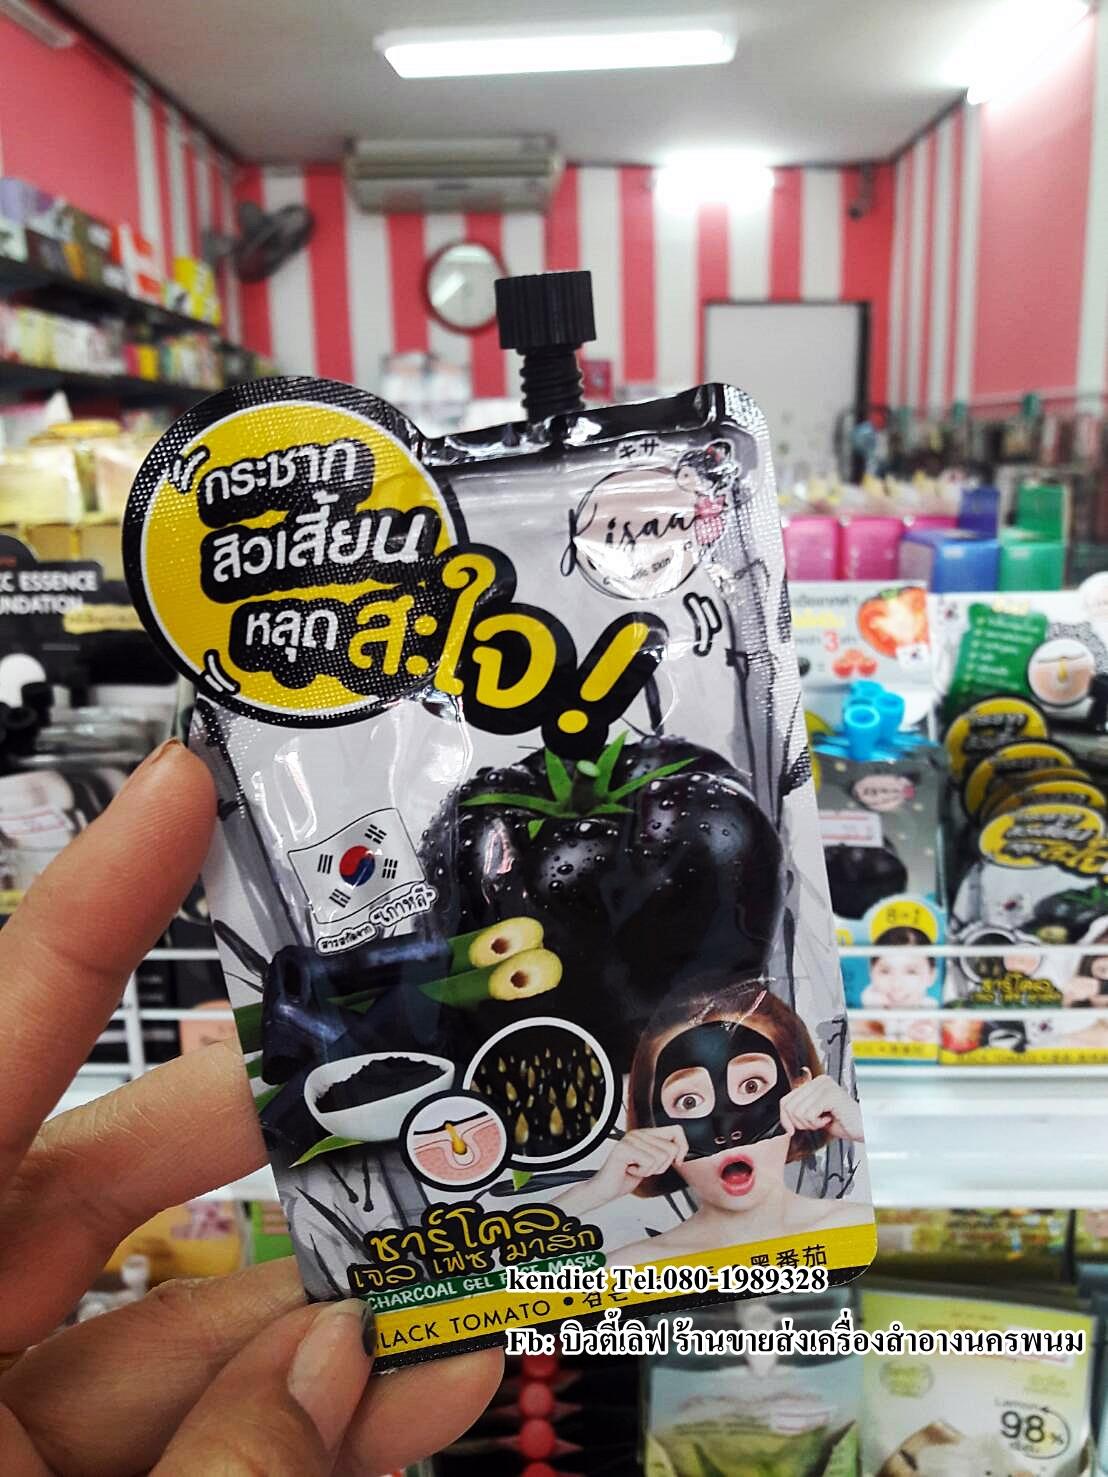 Kisaa charcoal gel face mask คิซ่า ชาร์โคล เจล เฟซ มาส์ก 1 กล่อง 6 ซอง 155 บาท